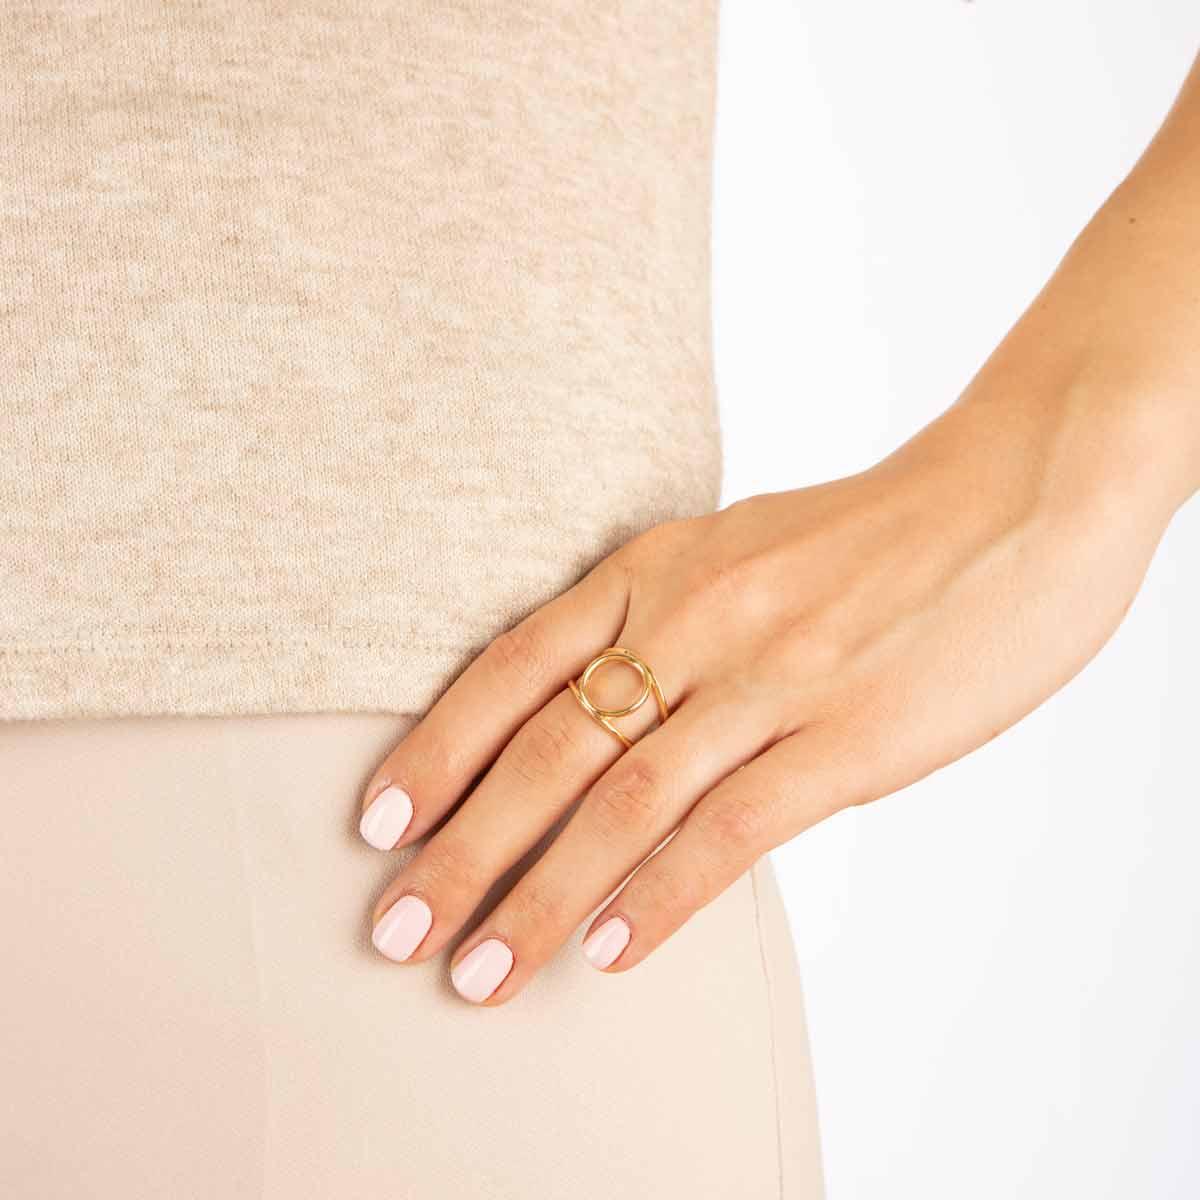 انگشتر طلا دایره و دو رینگ دامله پرسته